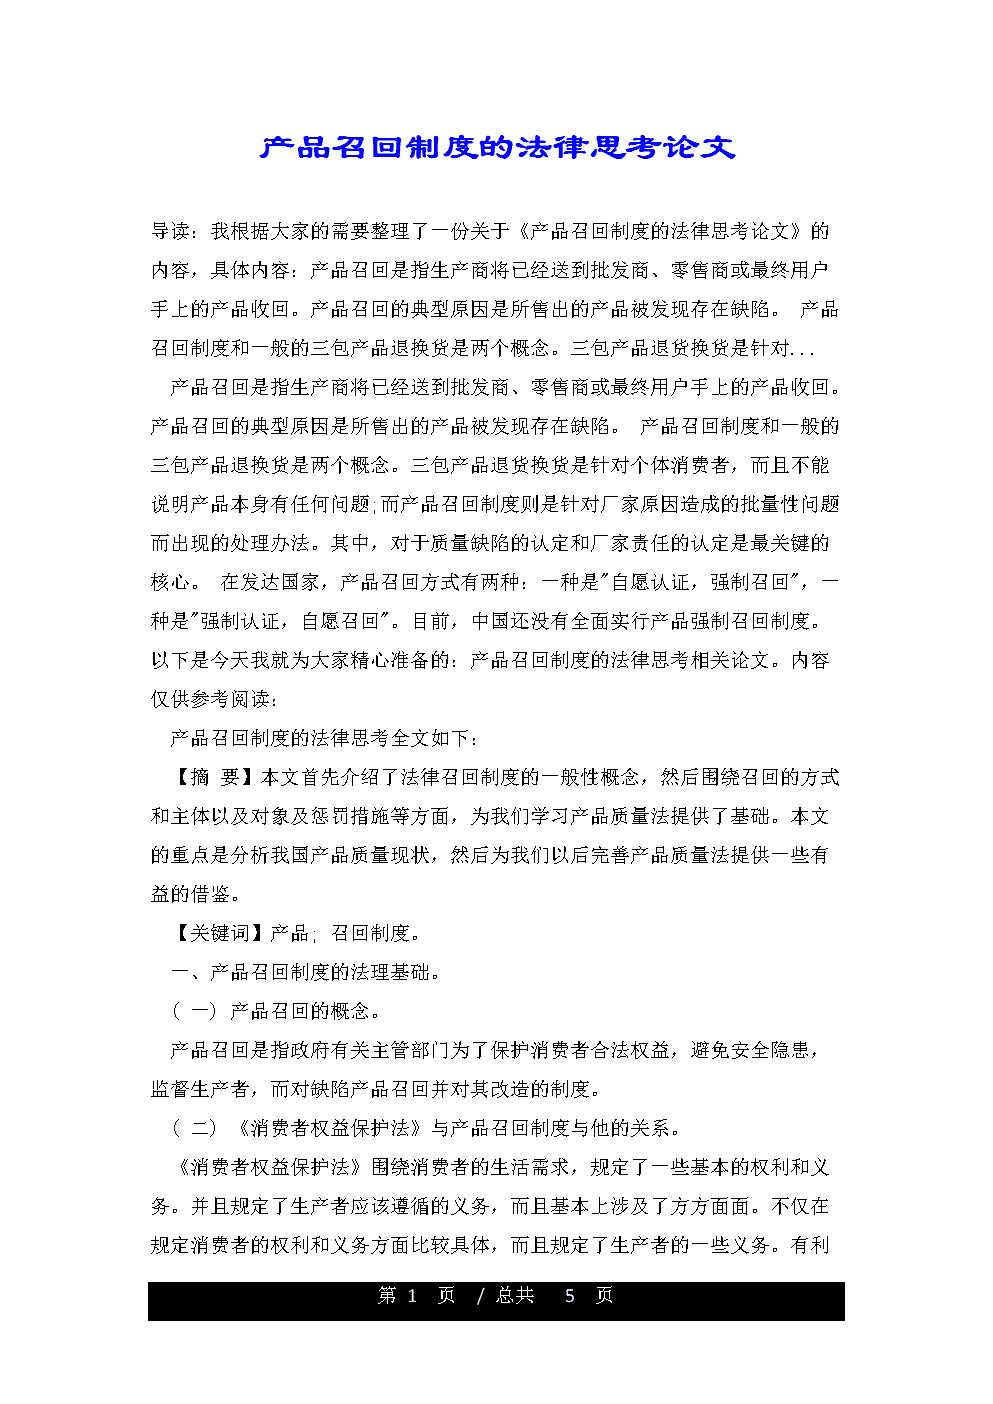 产品召回制度的法律思考论文.doc